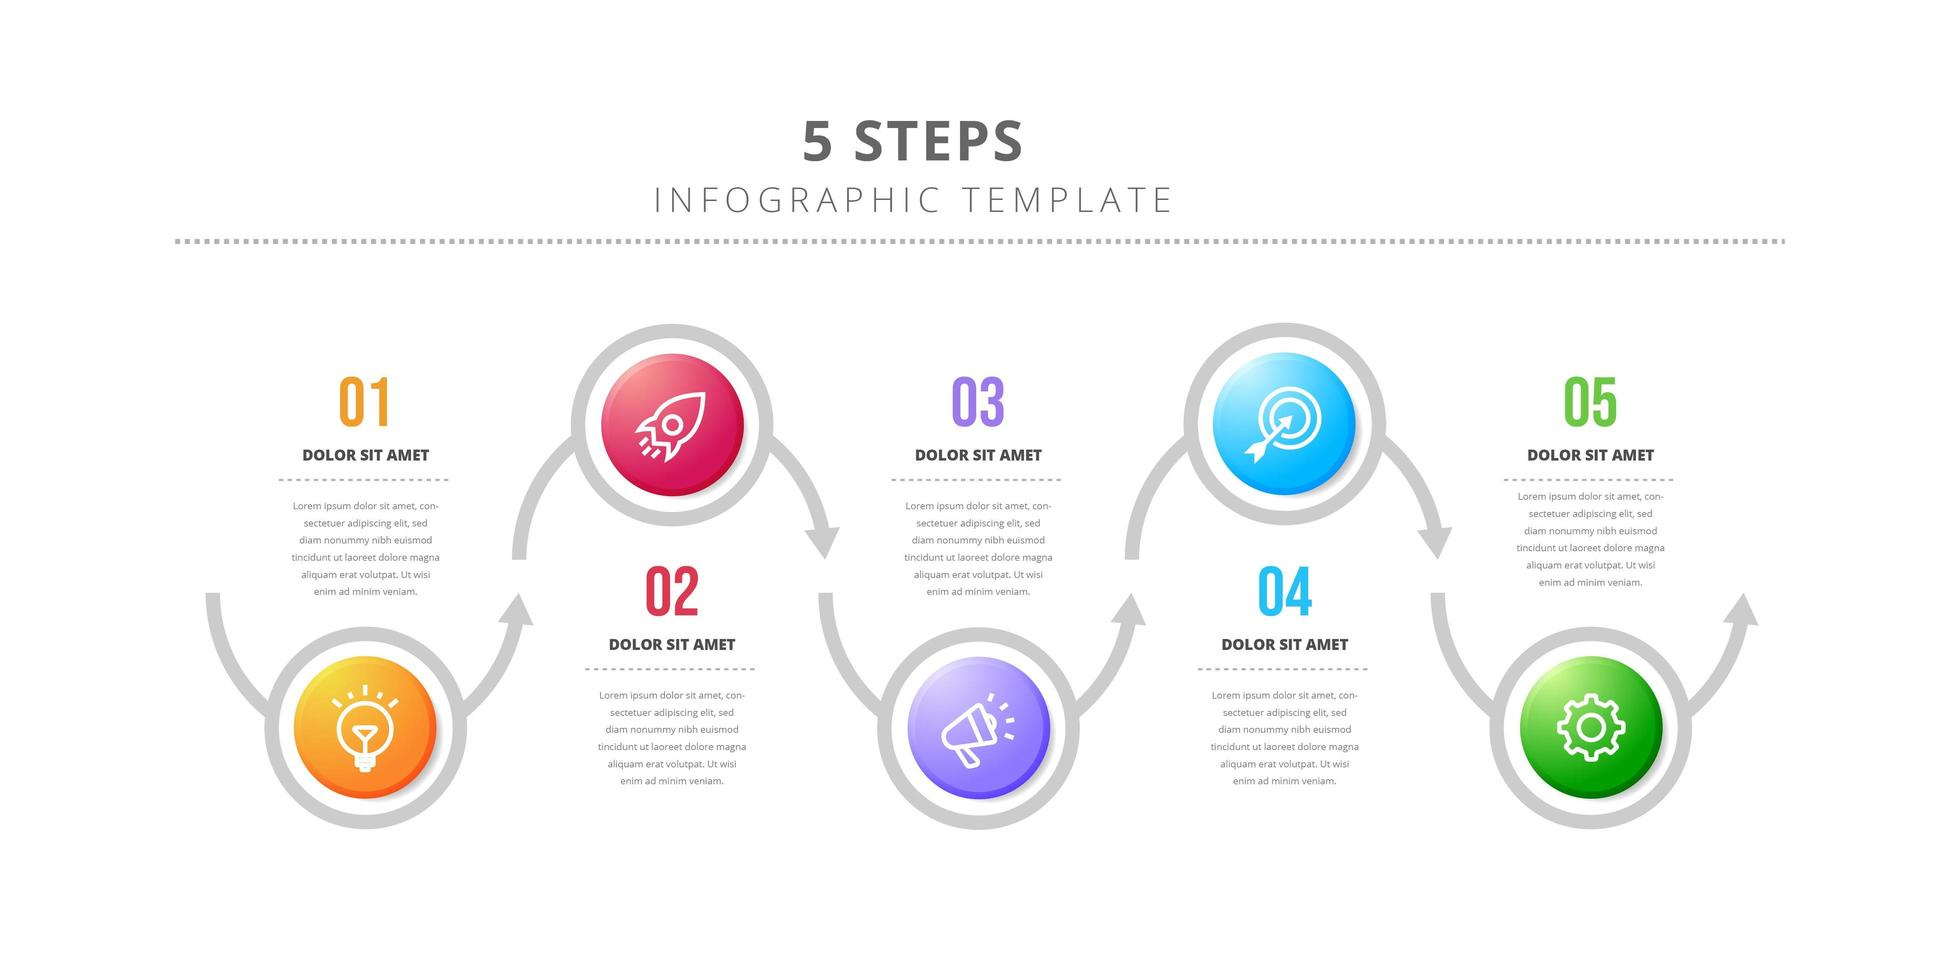 Kreis Infografik Design-Vorlage mit 5 Schritten vektor